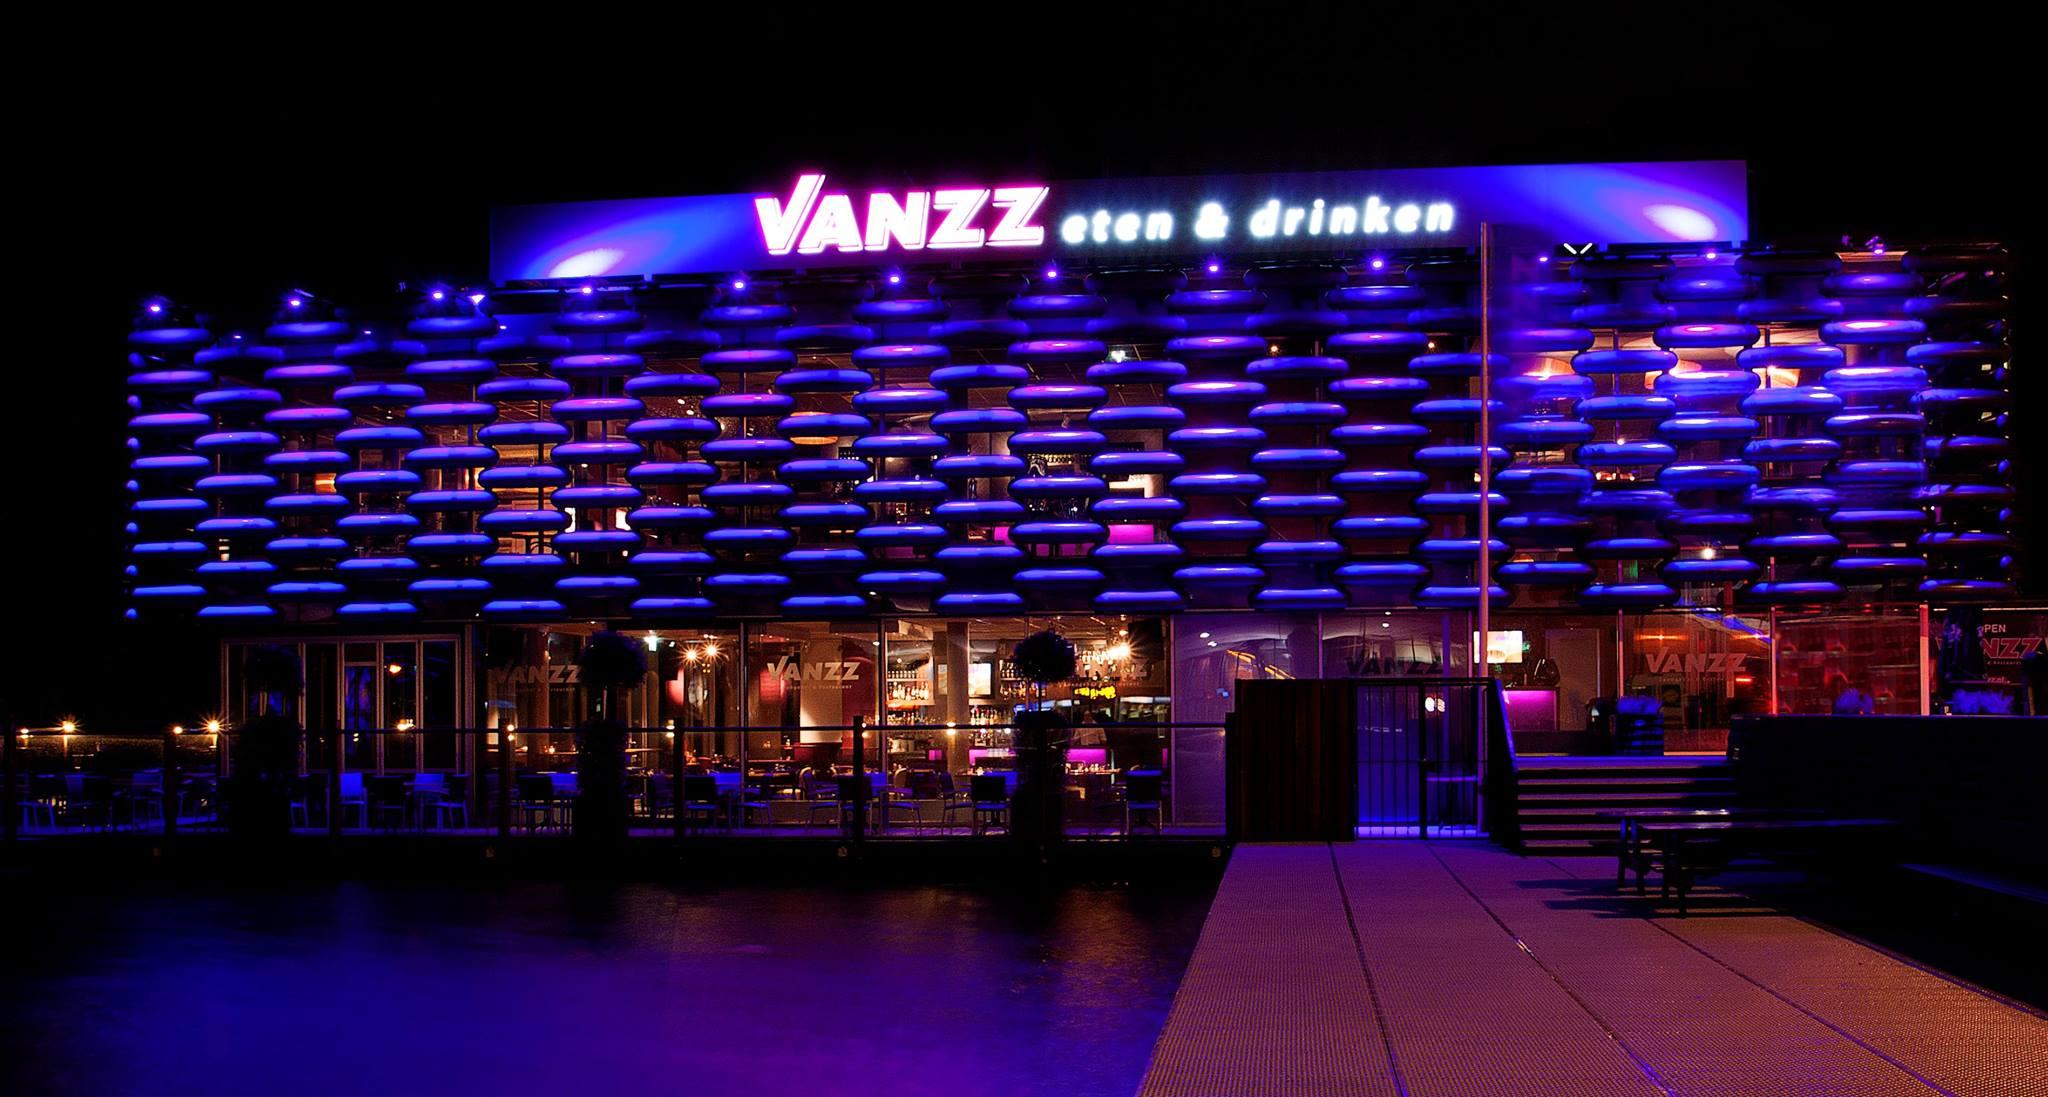 Vanzz